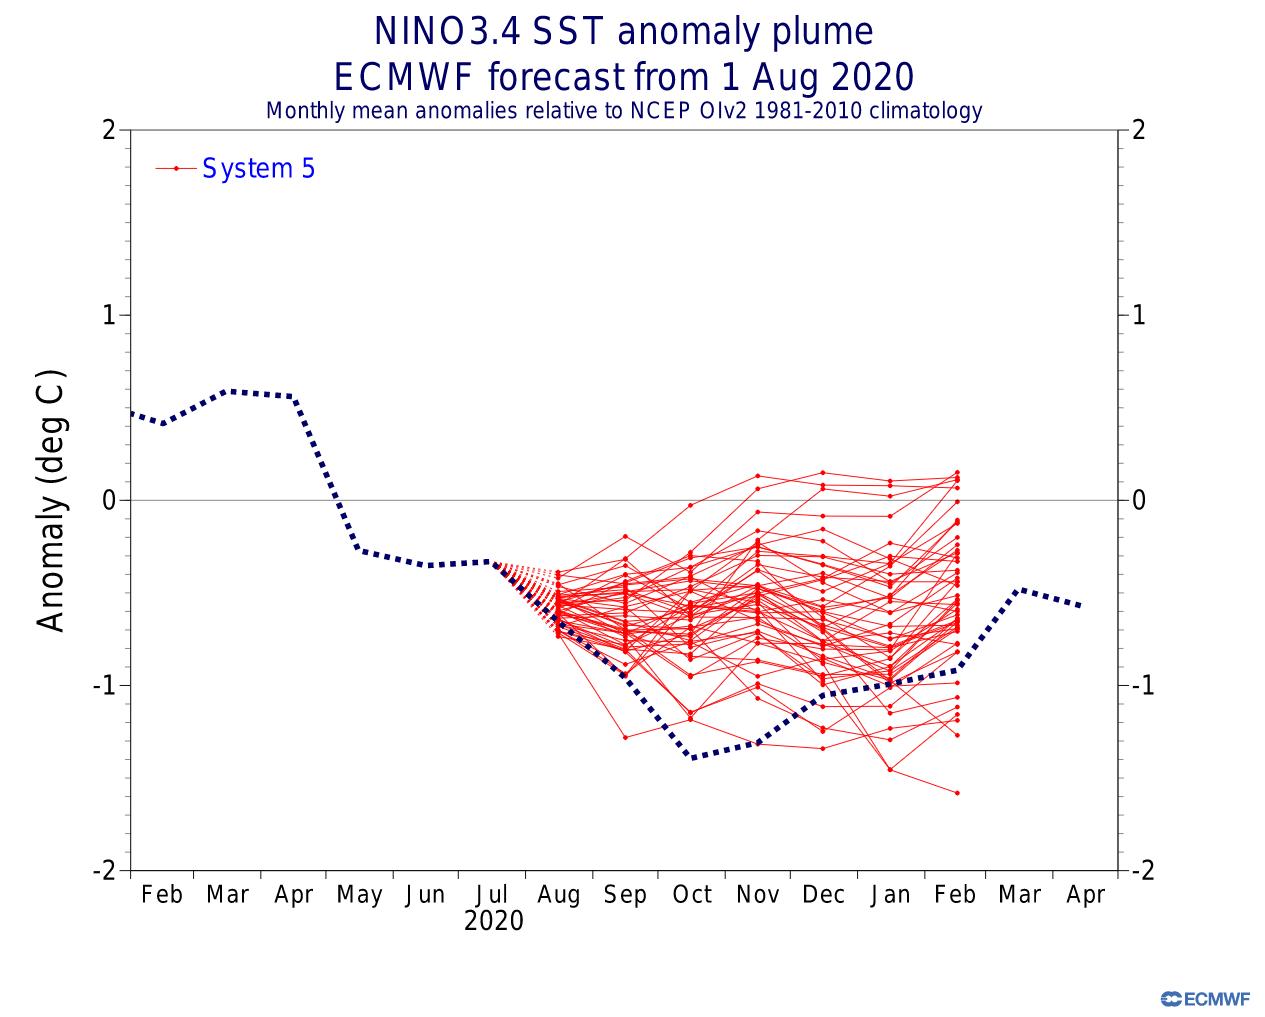 ecmwf-fall-winter-enso-region-temperature-anomaly-forecast-verification